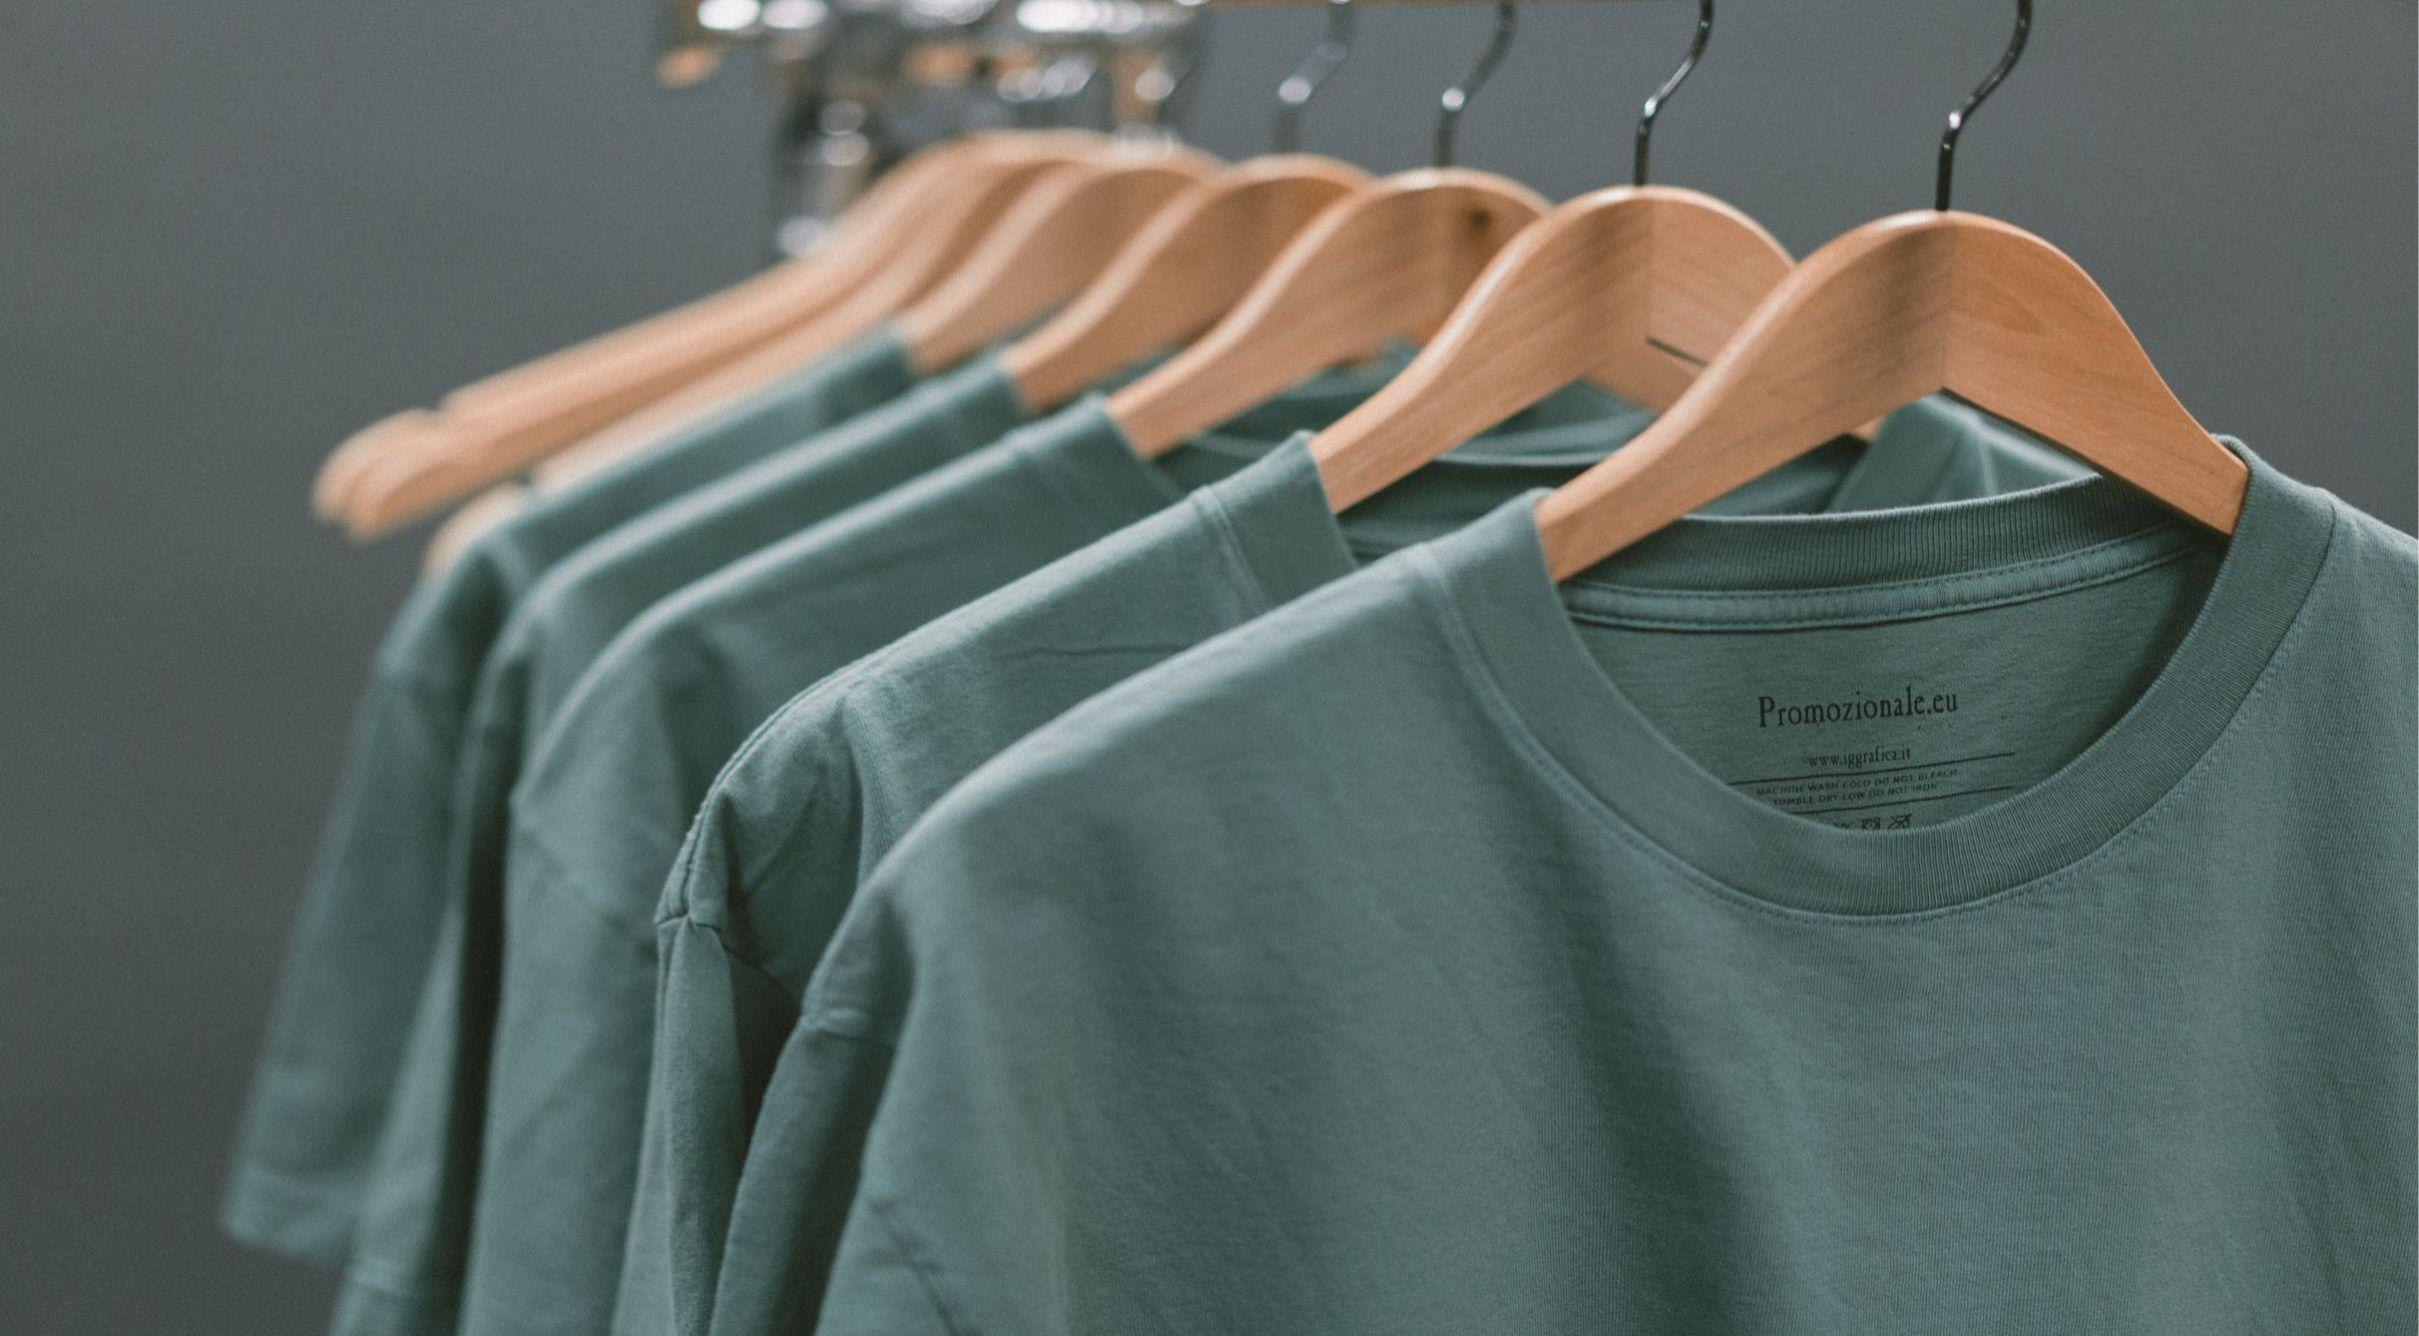 Personalizza il tuo abbigliamento Piazzale Gorini Milano